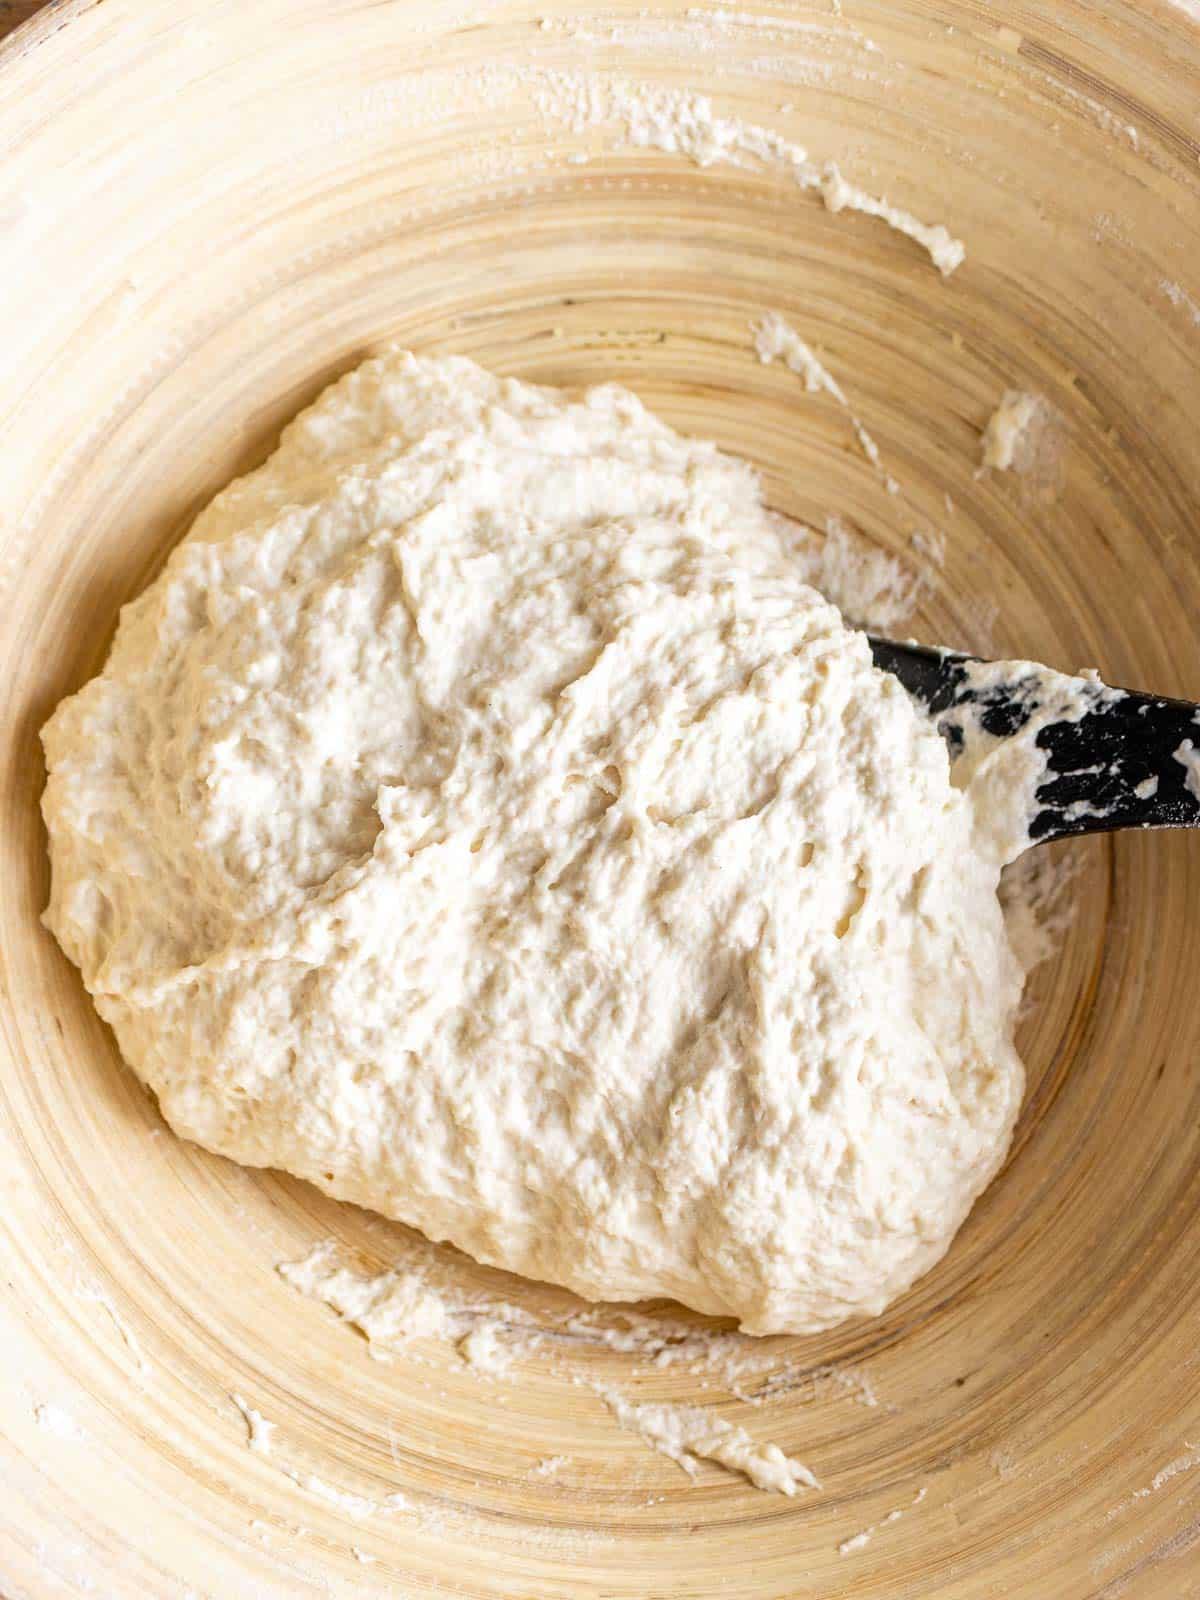 Wet focaccia no knead dough